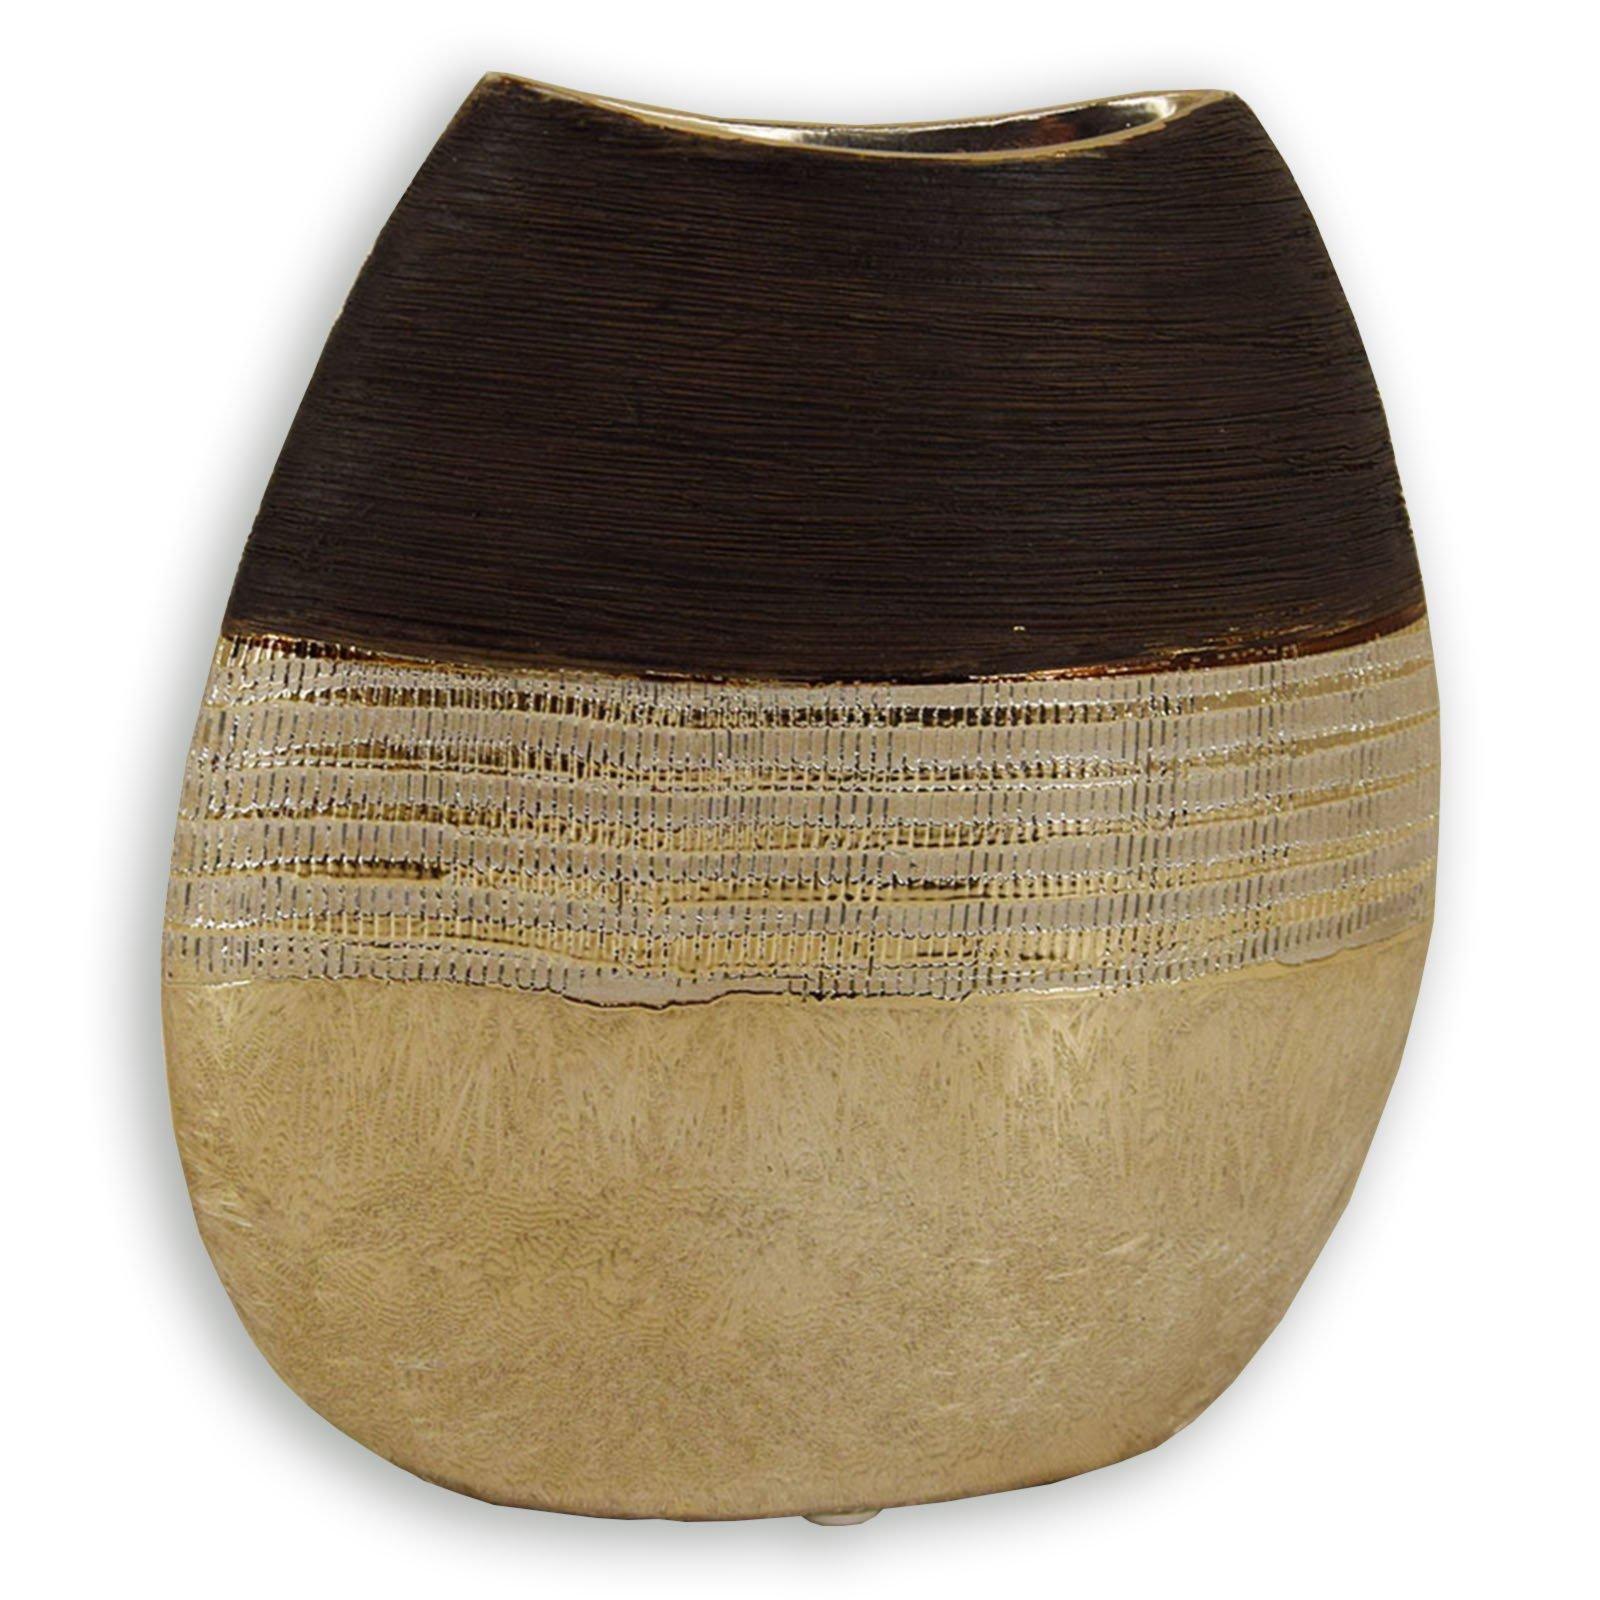 Roller deko vase gold braun 20 cm ebay - Roller deko ...